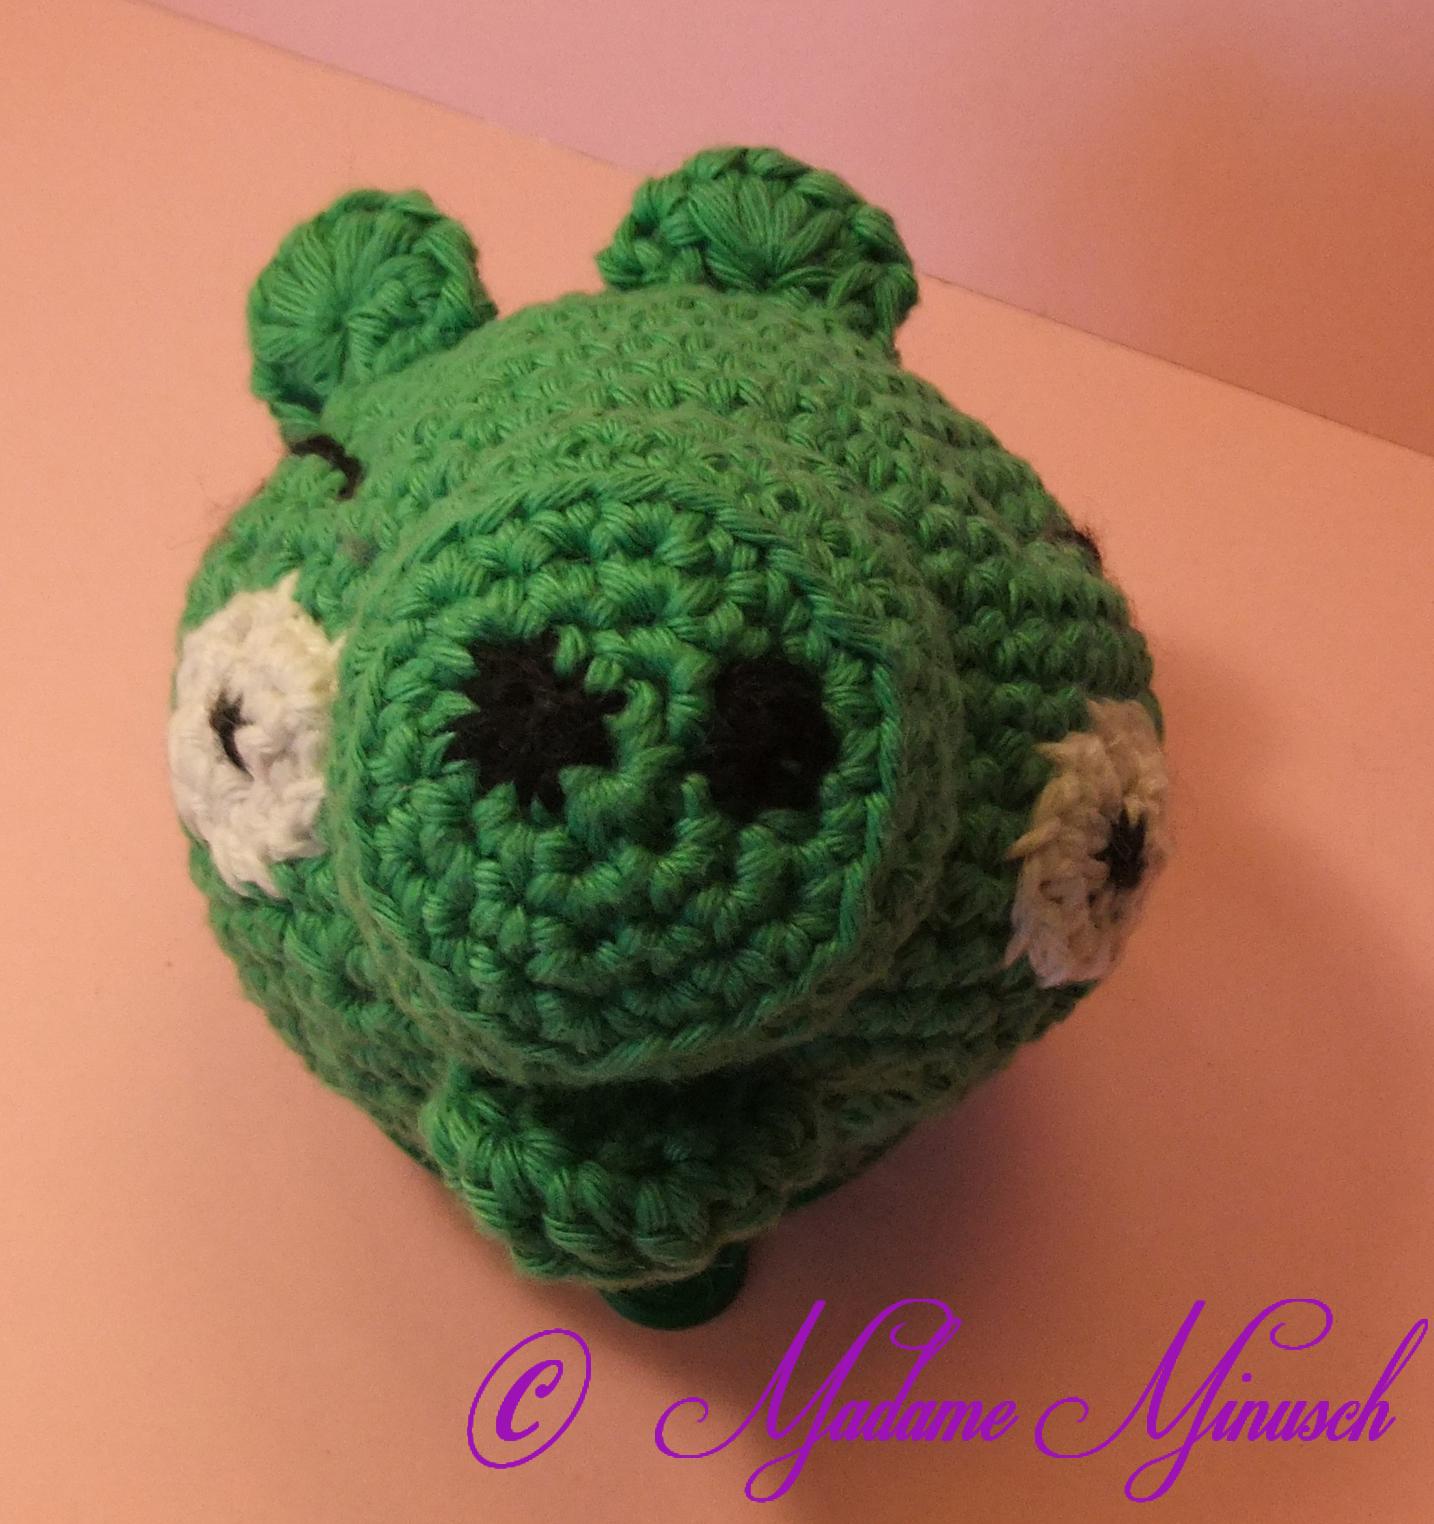 Amigurumi Green Pig : Madame Minuschs: [Amigurumi]